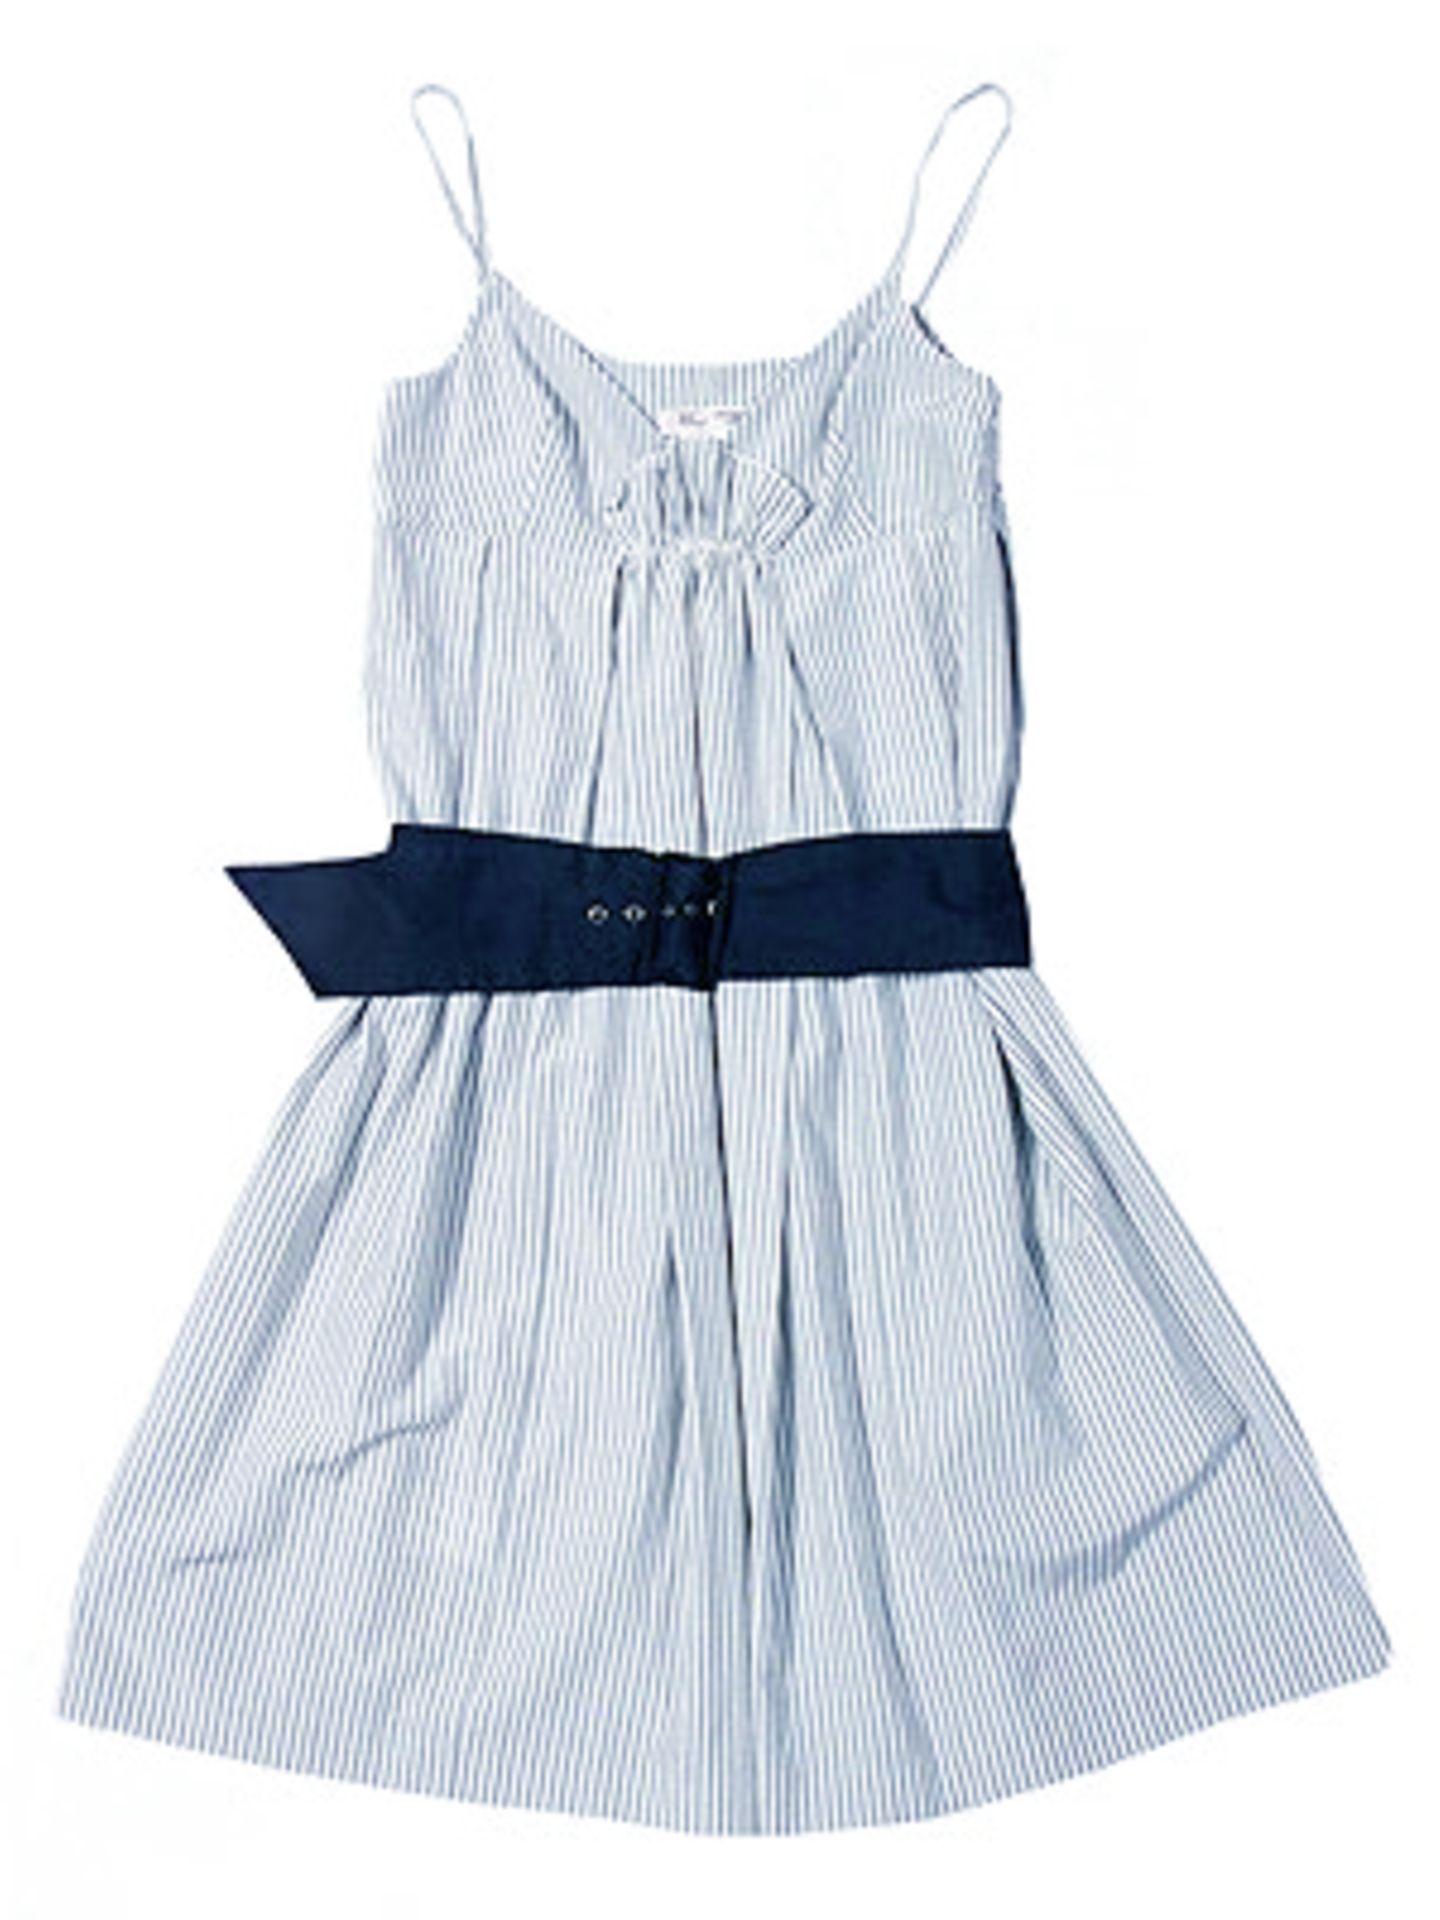 Blau-weiß fein gestreiftes Kleid mit blauem Gürtel; 119 Euro; von Mango